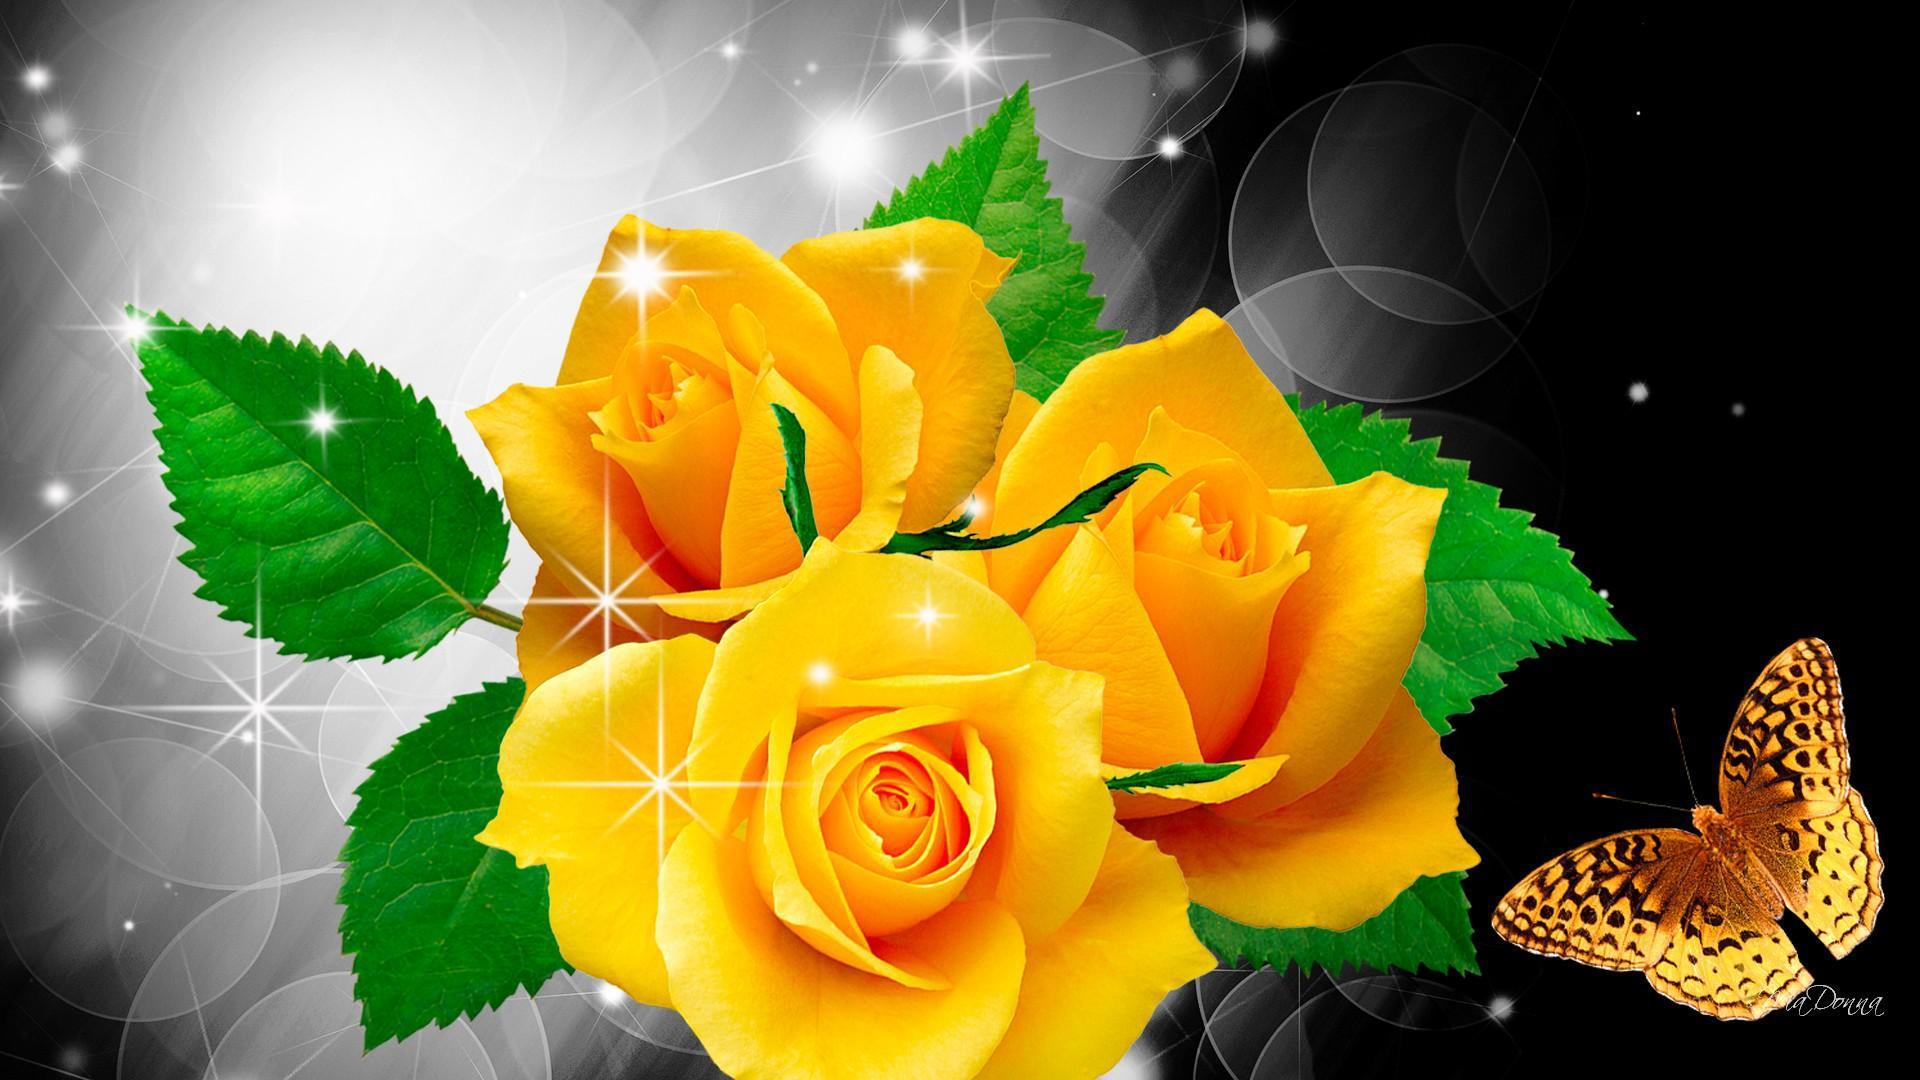 43 Yellow Roses Wallpaper For Desktop On Wallpapersafari